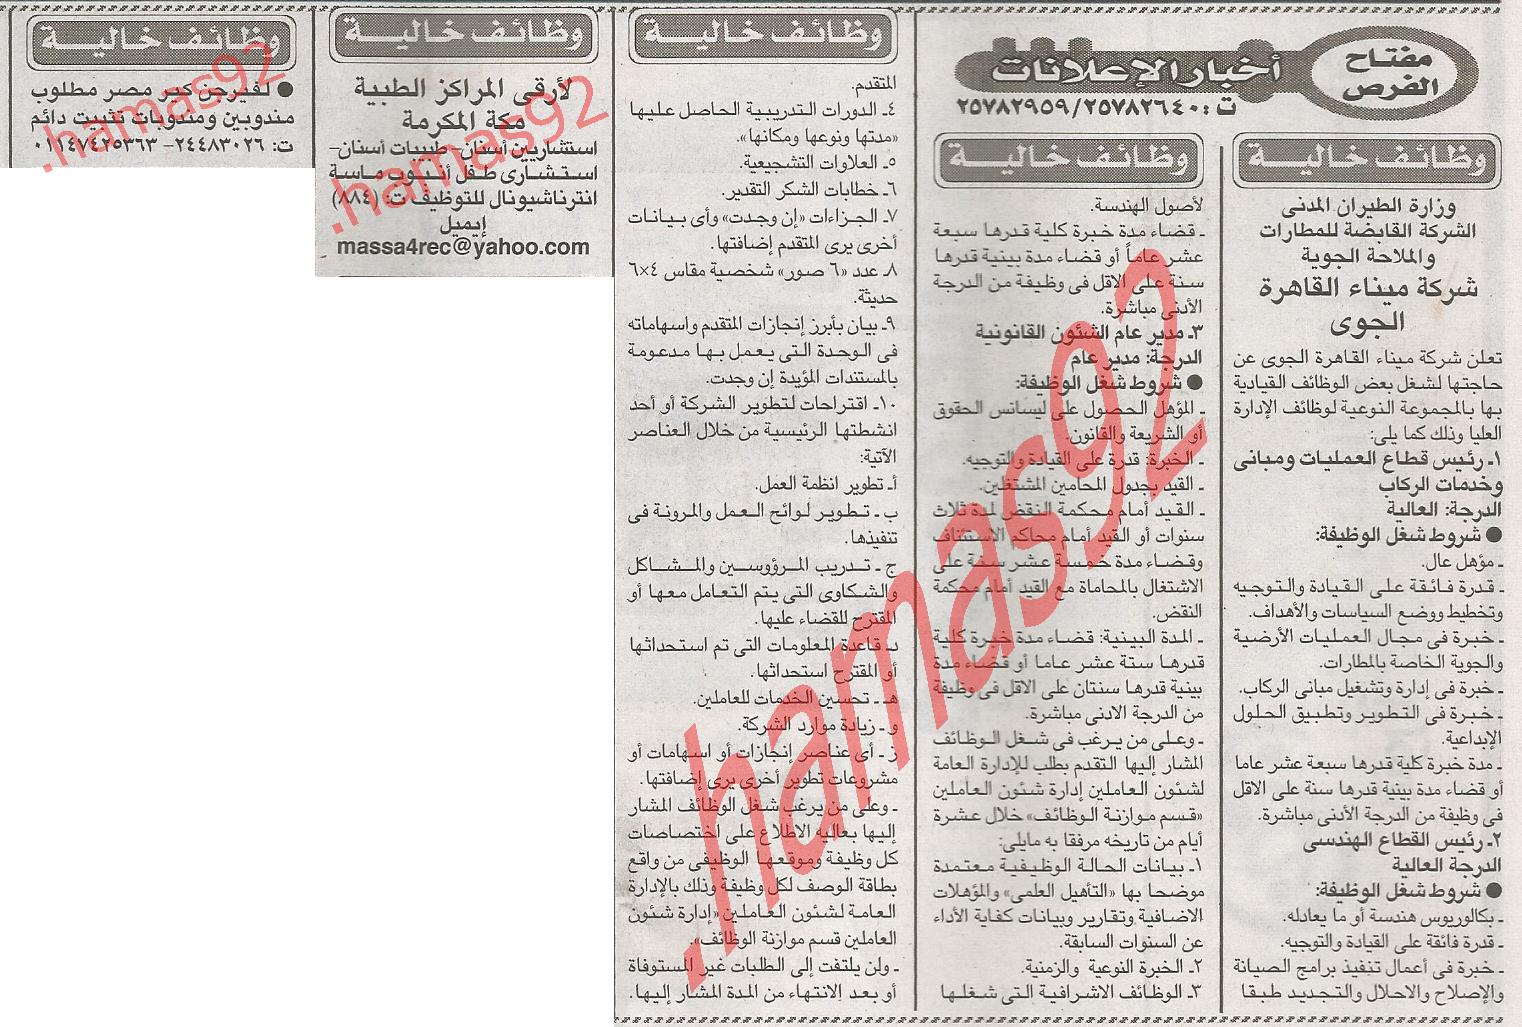 وظائف جريدة اخبار اليوم السبت 21/7/2012 - العدد الاسبوعى %D8%A7%D9%84%D8%A7%D8%AE%D8%A8%D8%A7%D8%B1+1